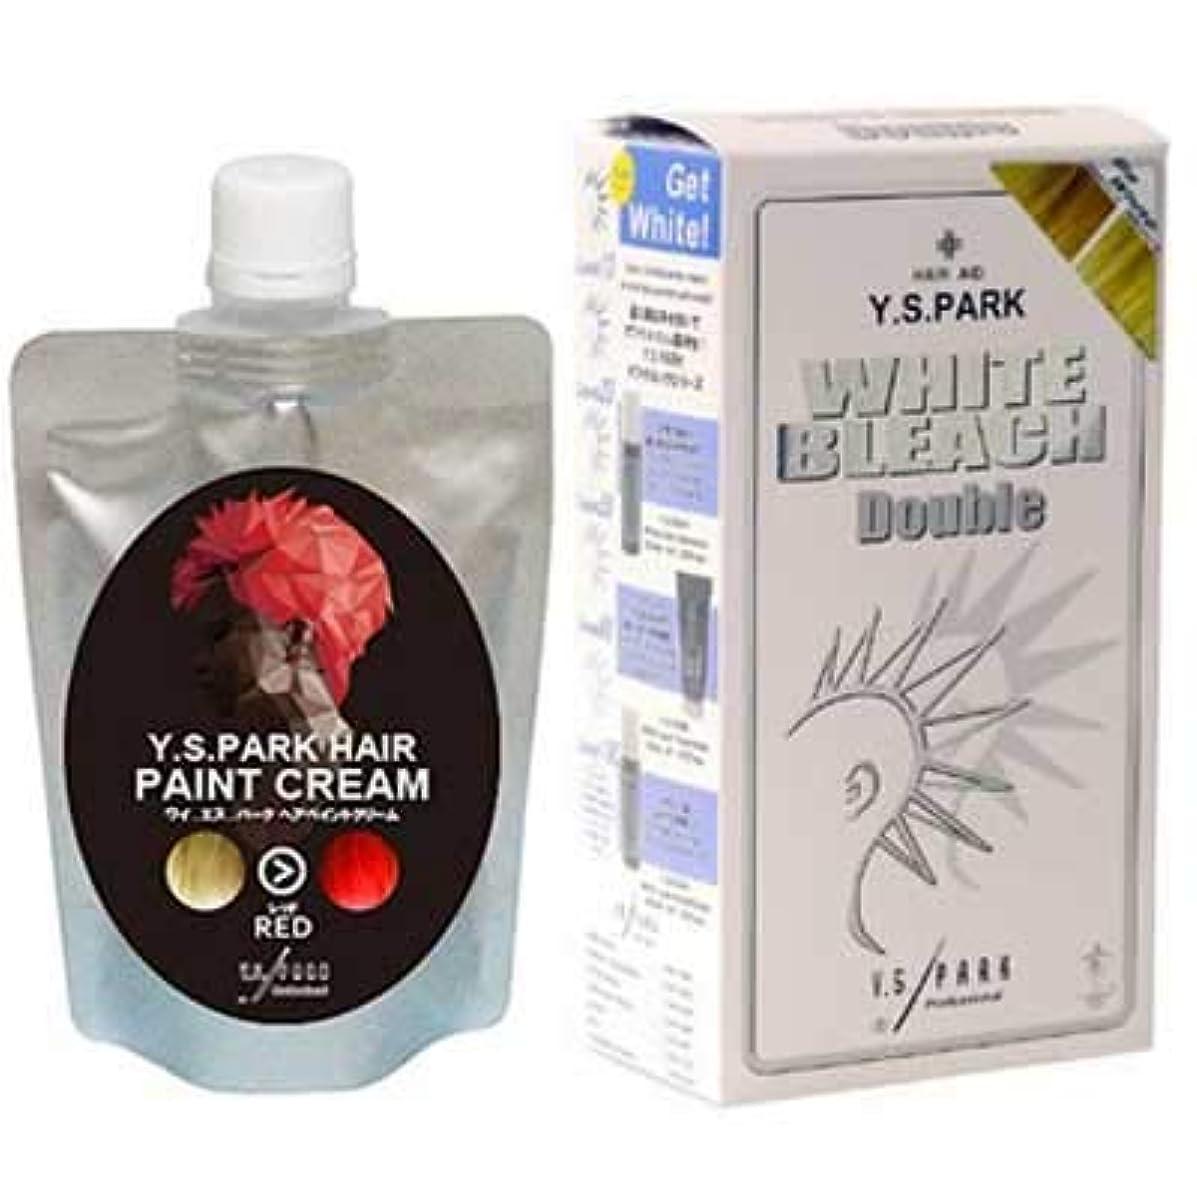 魅了する端末もちろんY.S.PARKヘアペイントクリーム レッド 200g & Y.S.パーク ホワイトブリーチ ダブルセット